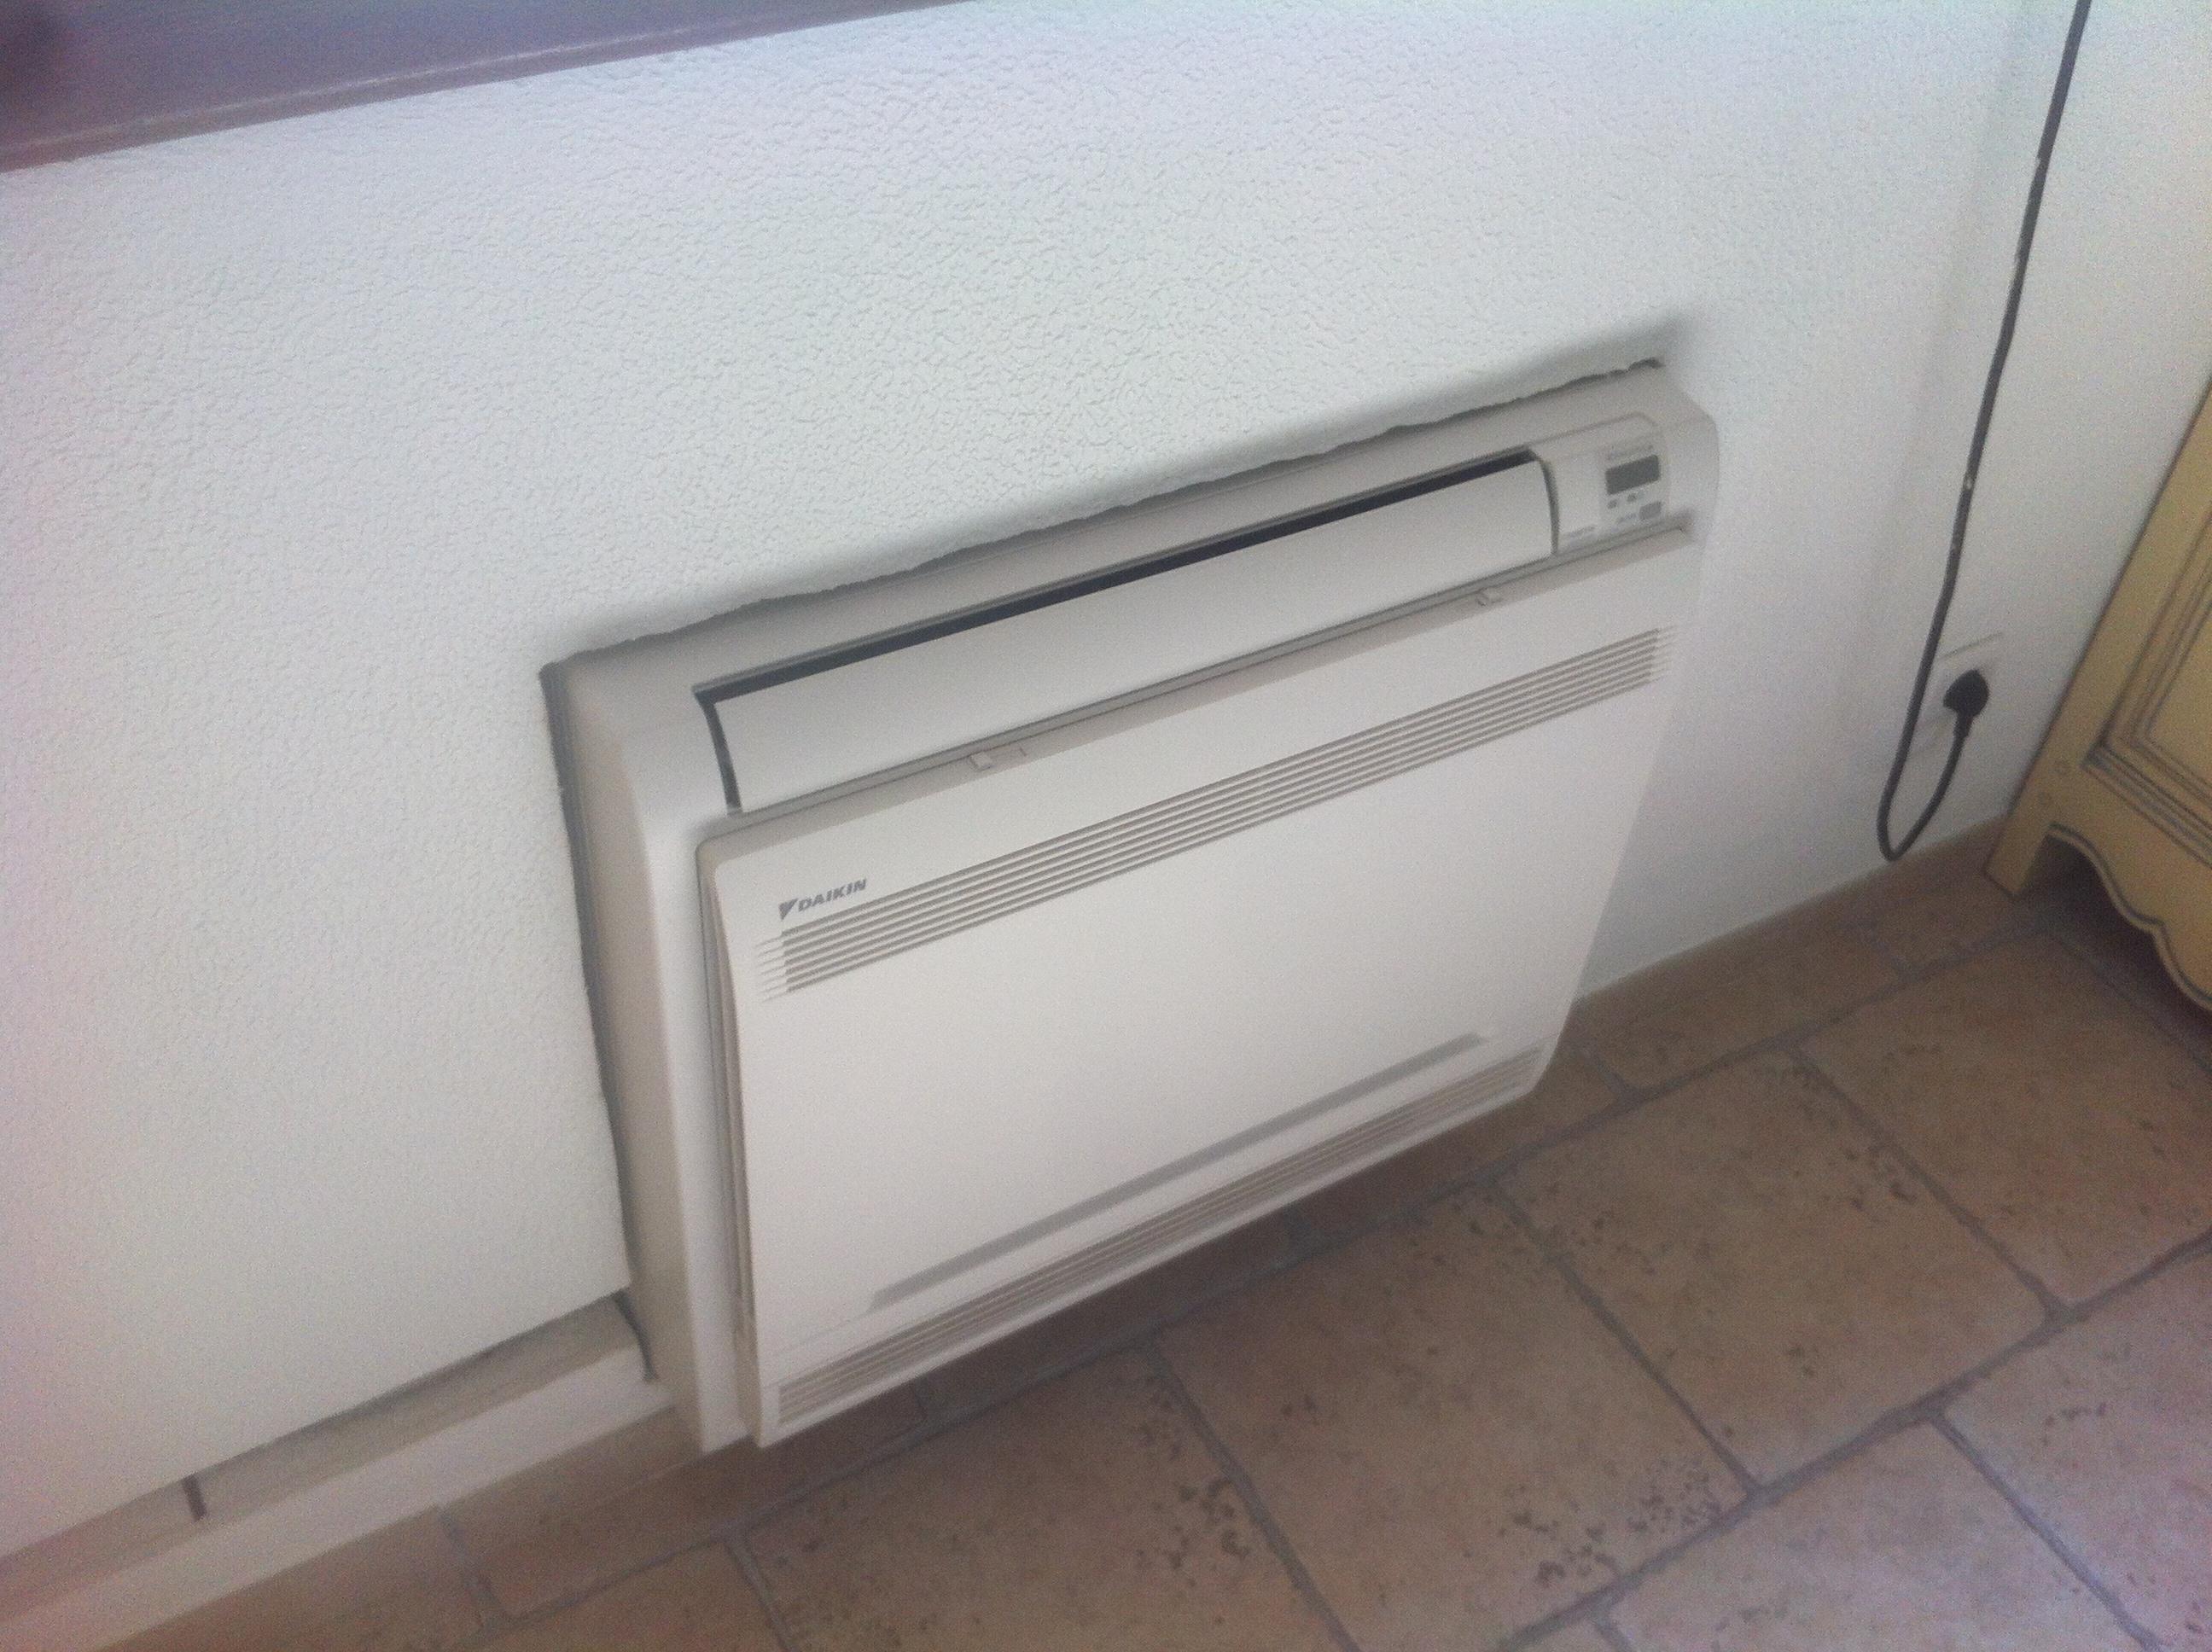 Pose d'un climatiseur Console au sol DAIKIN Dans le VAR (83)